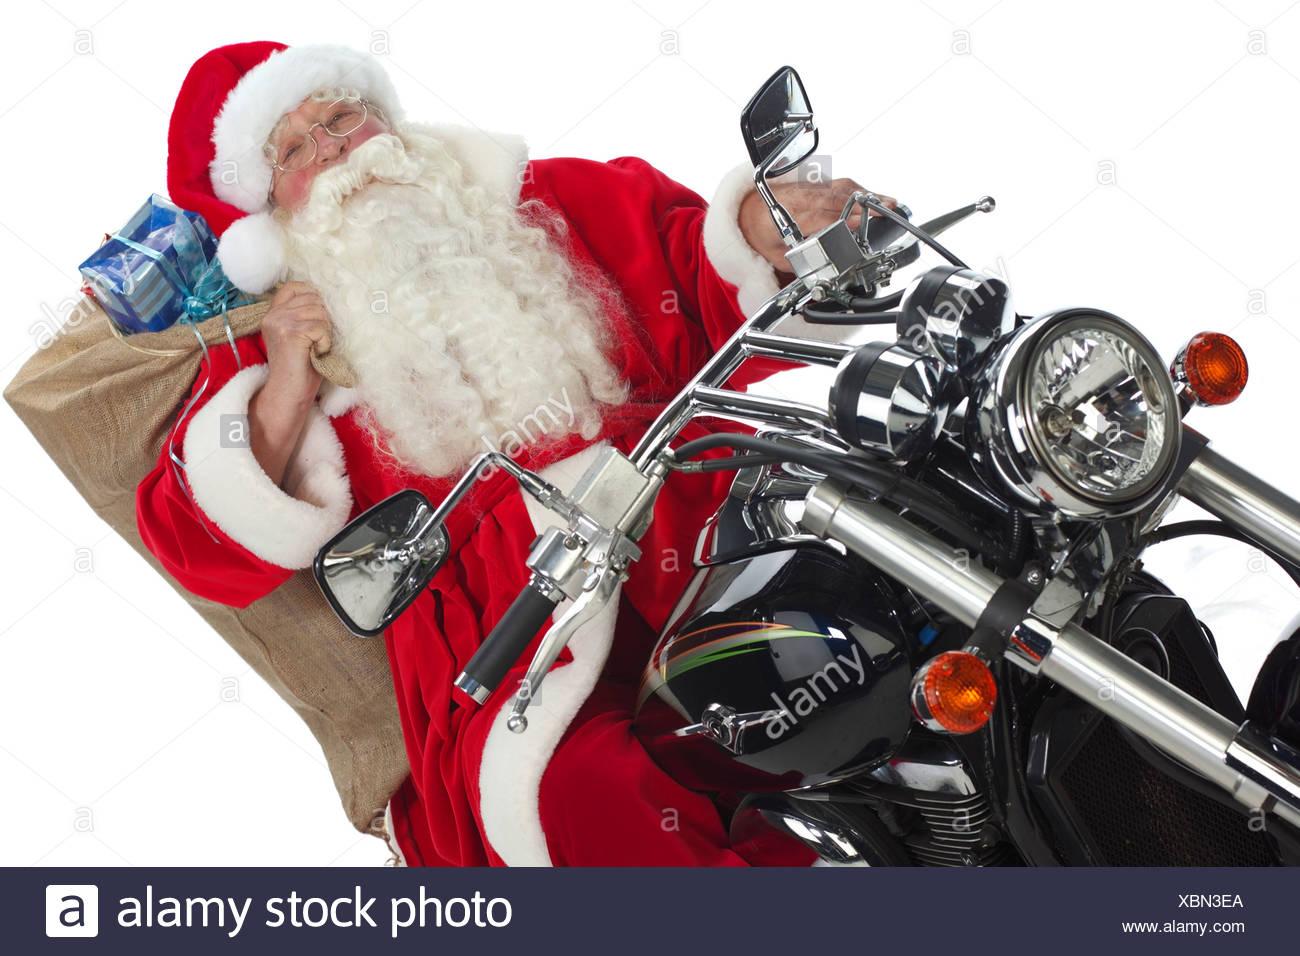 Immagini Babbo Natale In Moto.Babbo Natale In Moto Foto Immagine Stock 282590850 Alamy